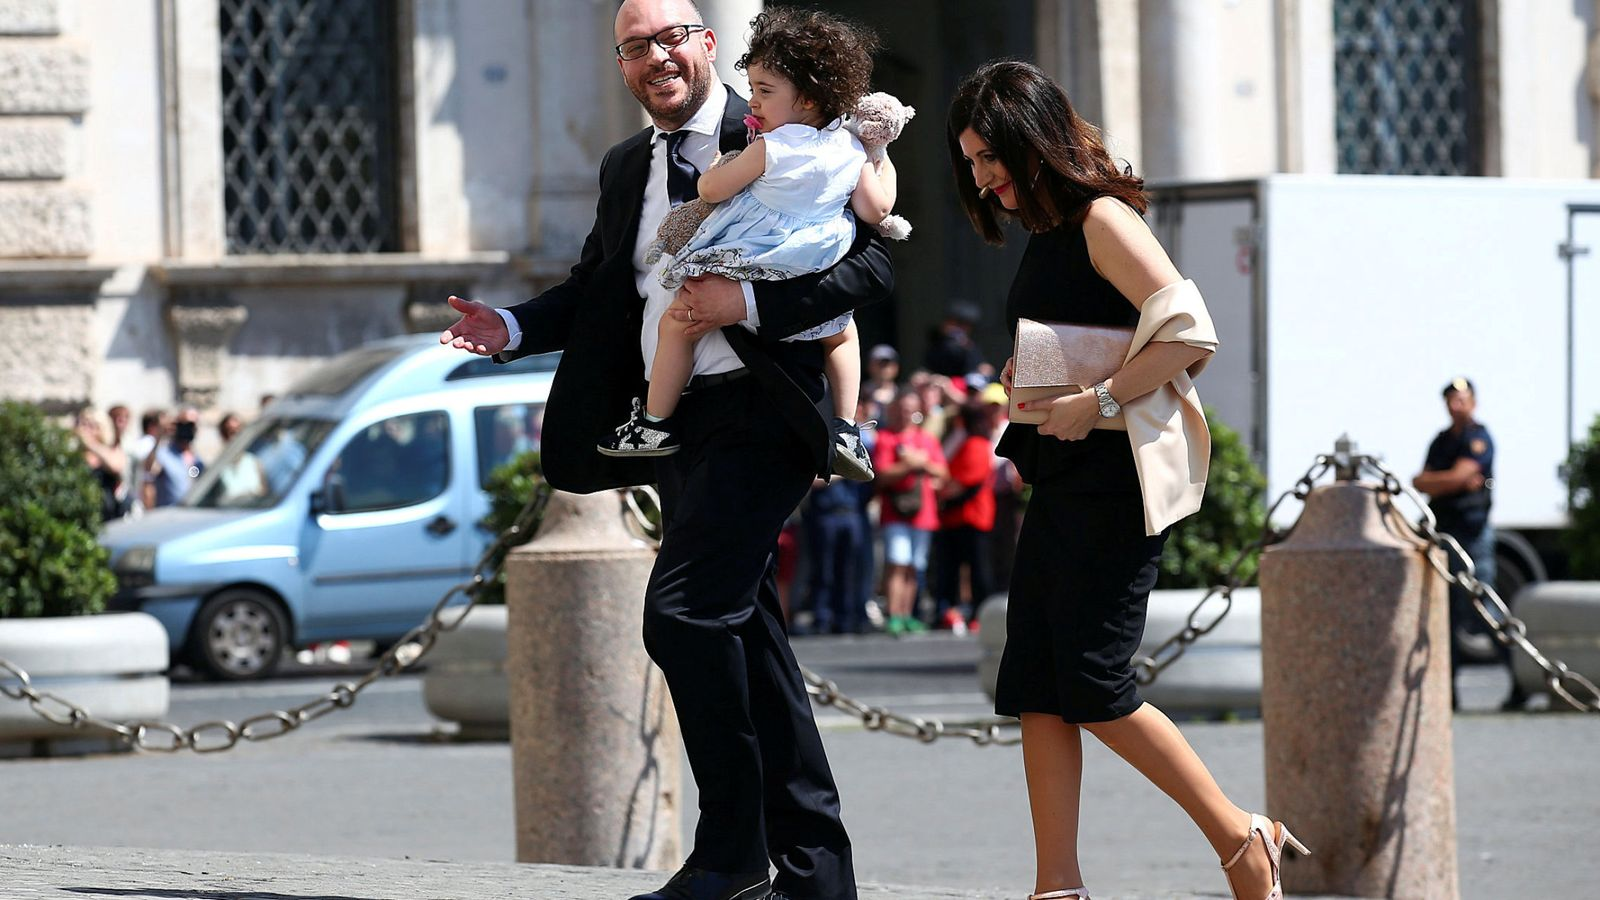 Foto: El ministro de Familia y Discapacidad, Lorenzo Fontana. (Reuters)